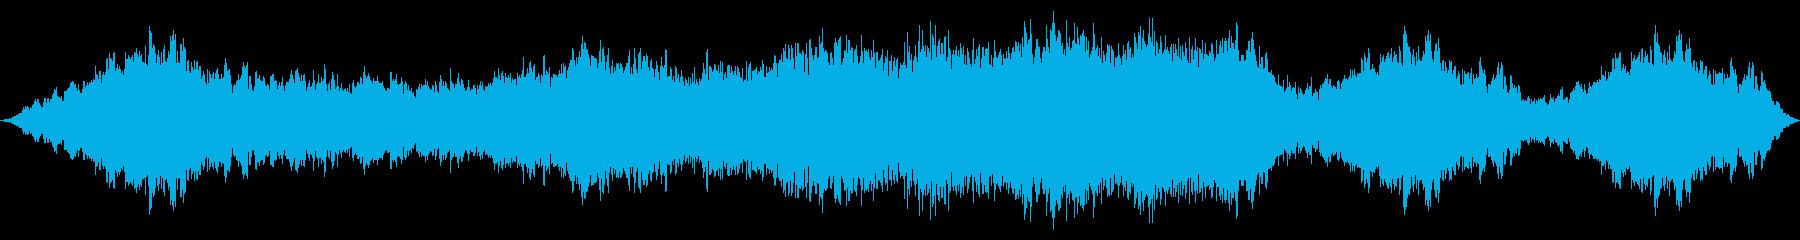 深い緊張感を煽るBGSの再生済みの波形